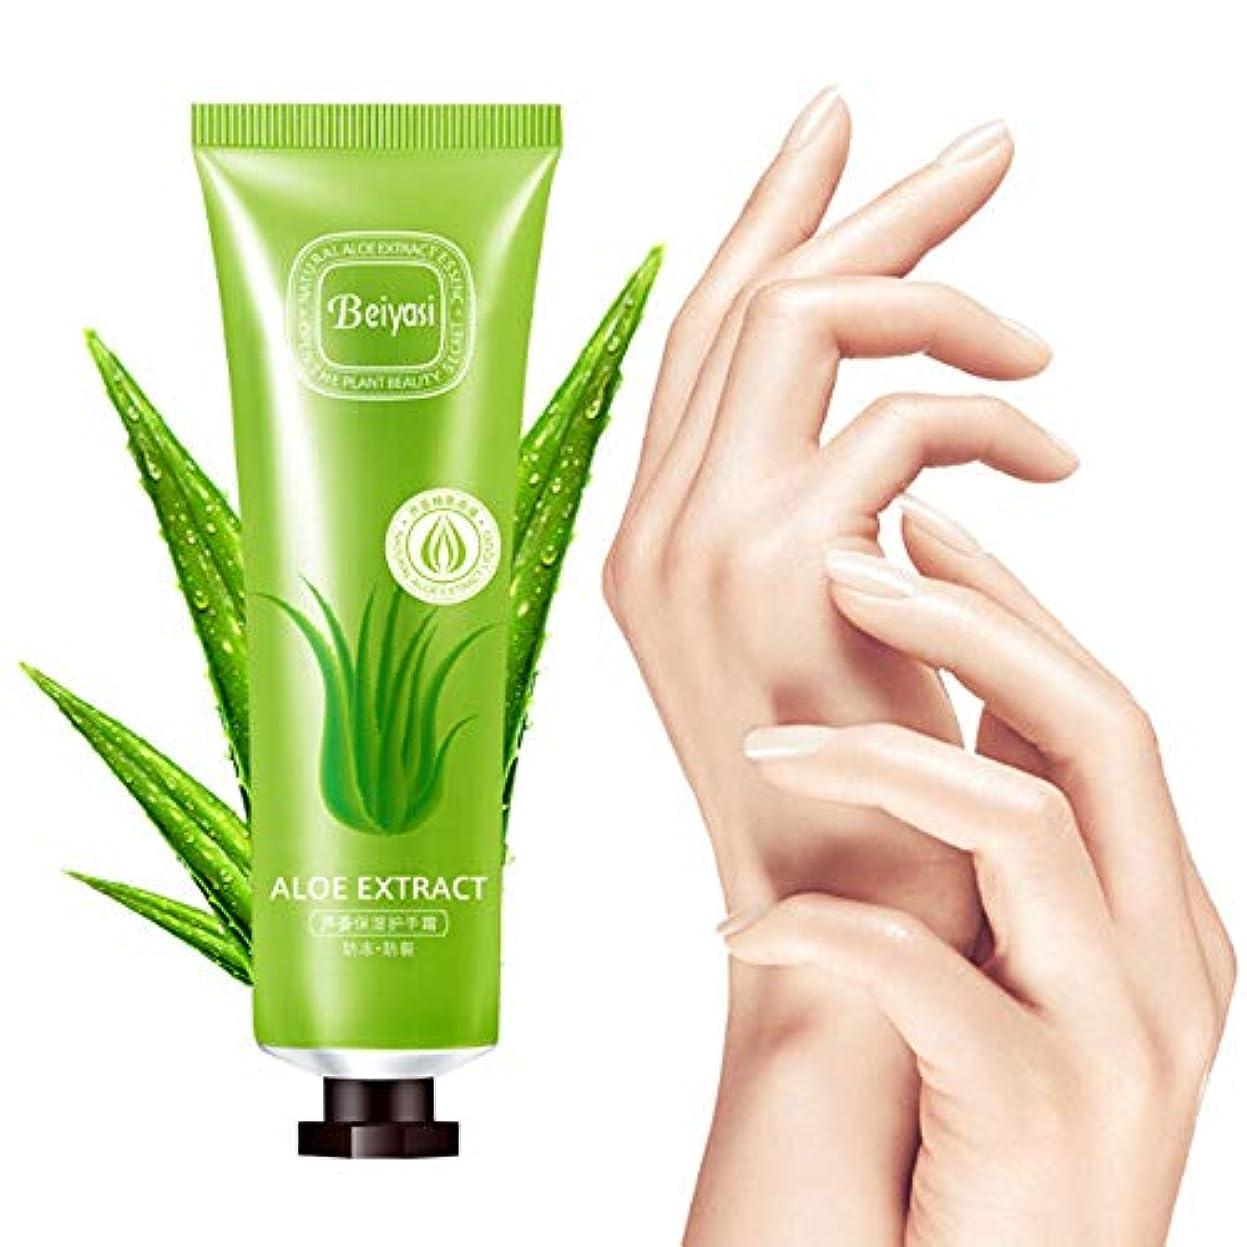 つま先アセ地下鉄ハンドクリーム Akane BEIYASI アロエ 潤う 香り 手荒れを防ぐ 保湿 水分 無添加 天然 乾燥肌用 自然 肌荒れ予防 Hand Cream 30g